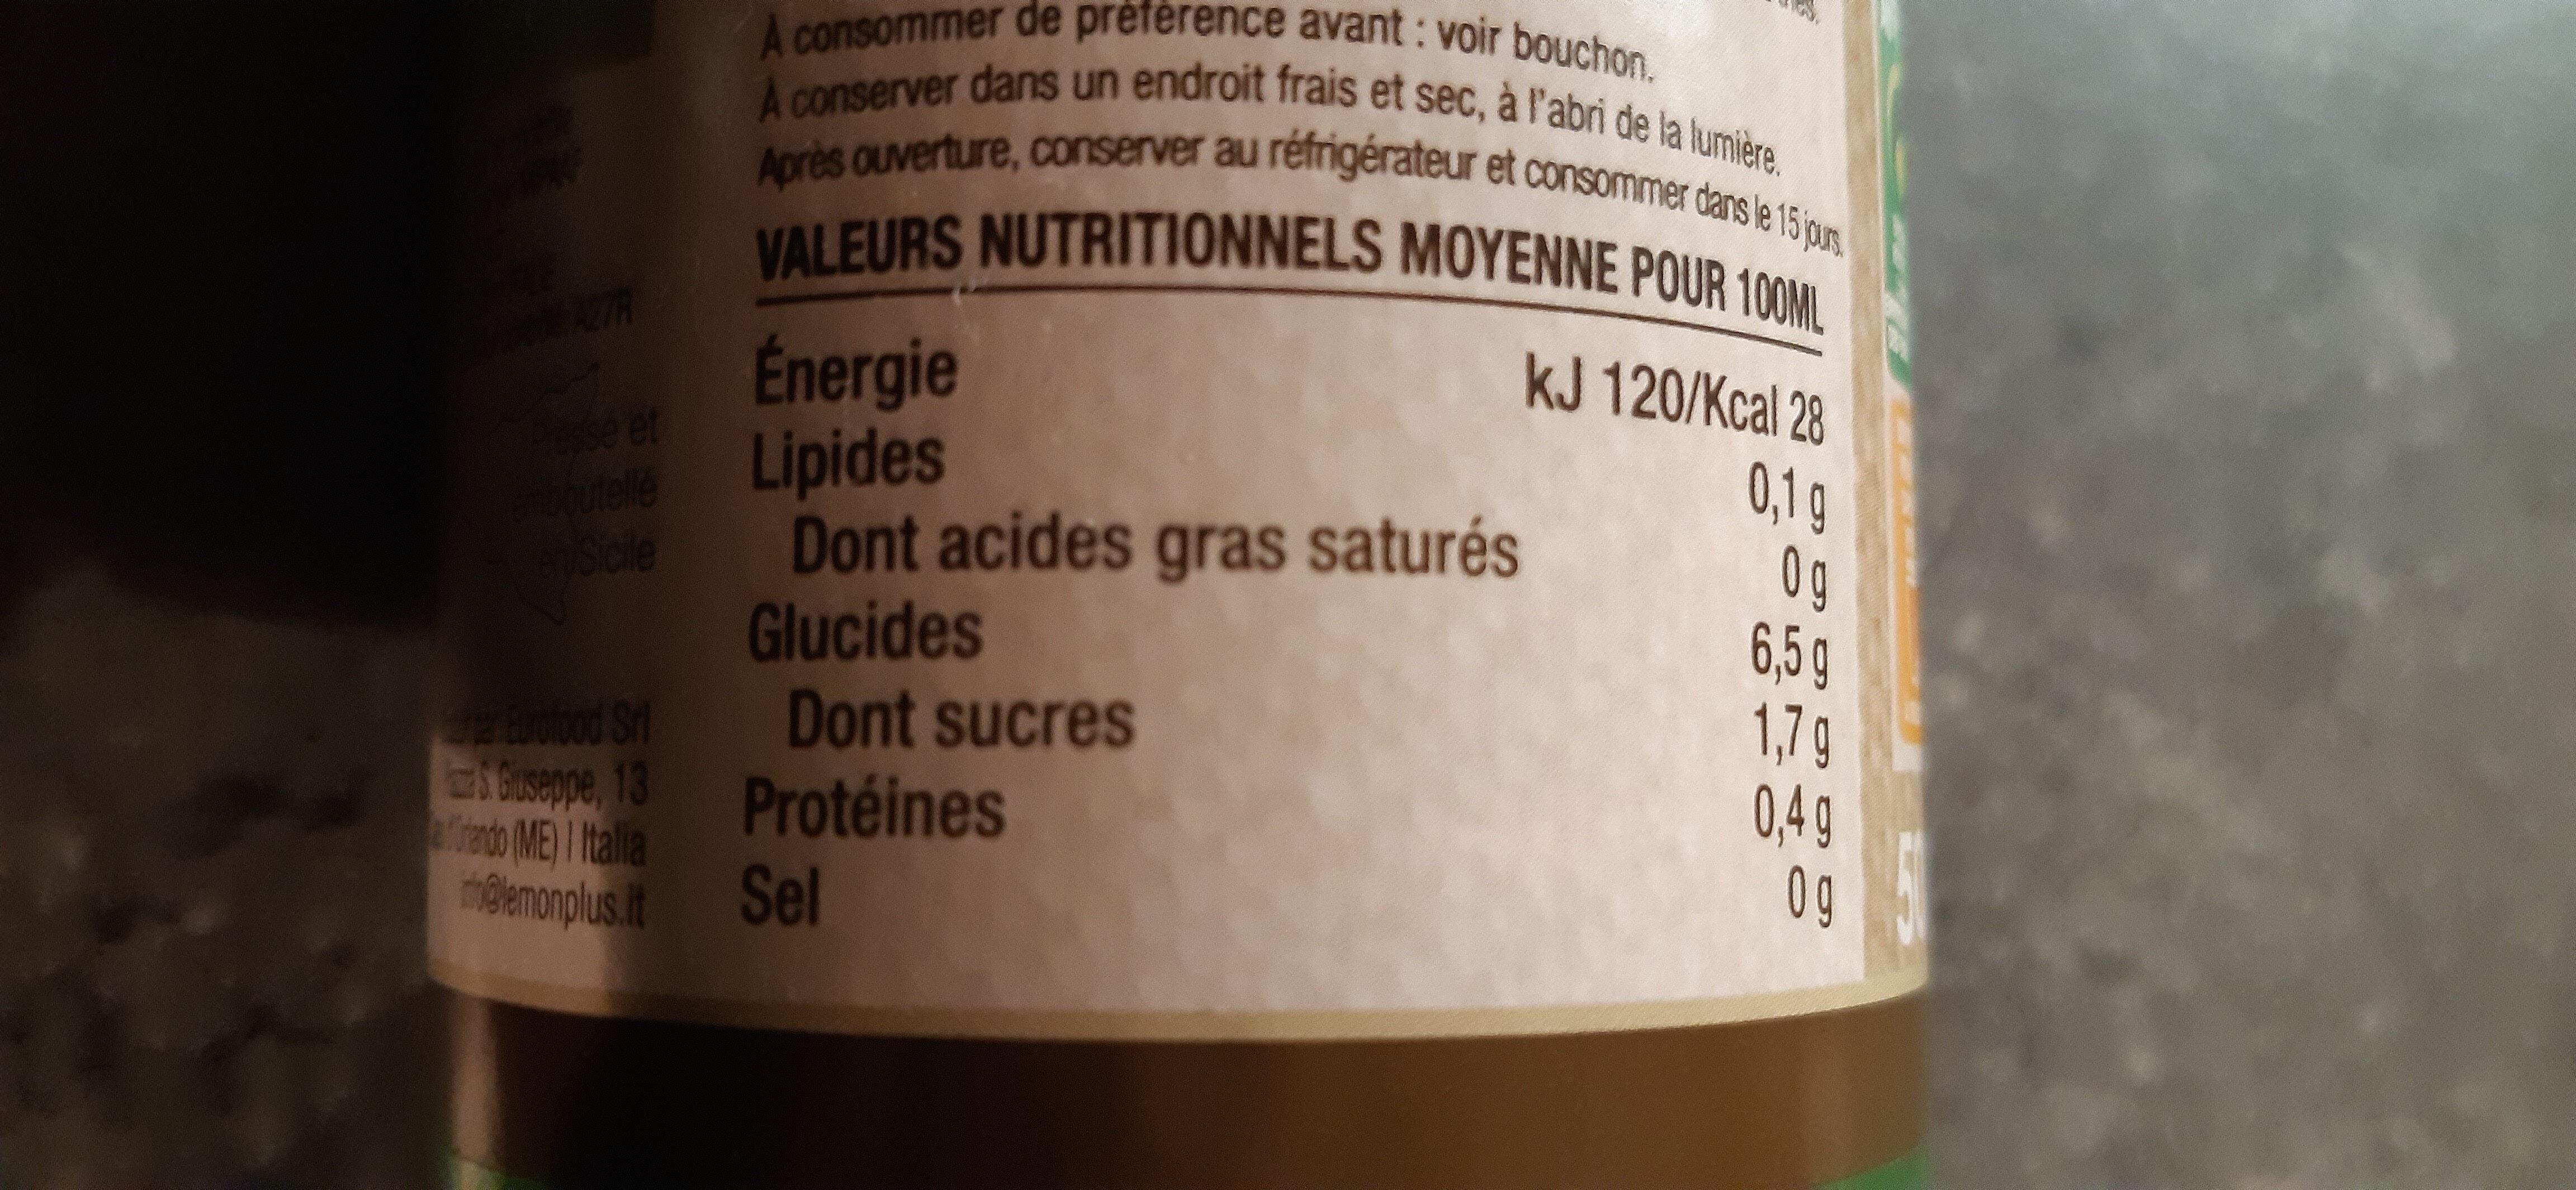 Lemon plus bio - Informations nutritionnelles - fr